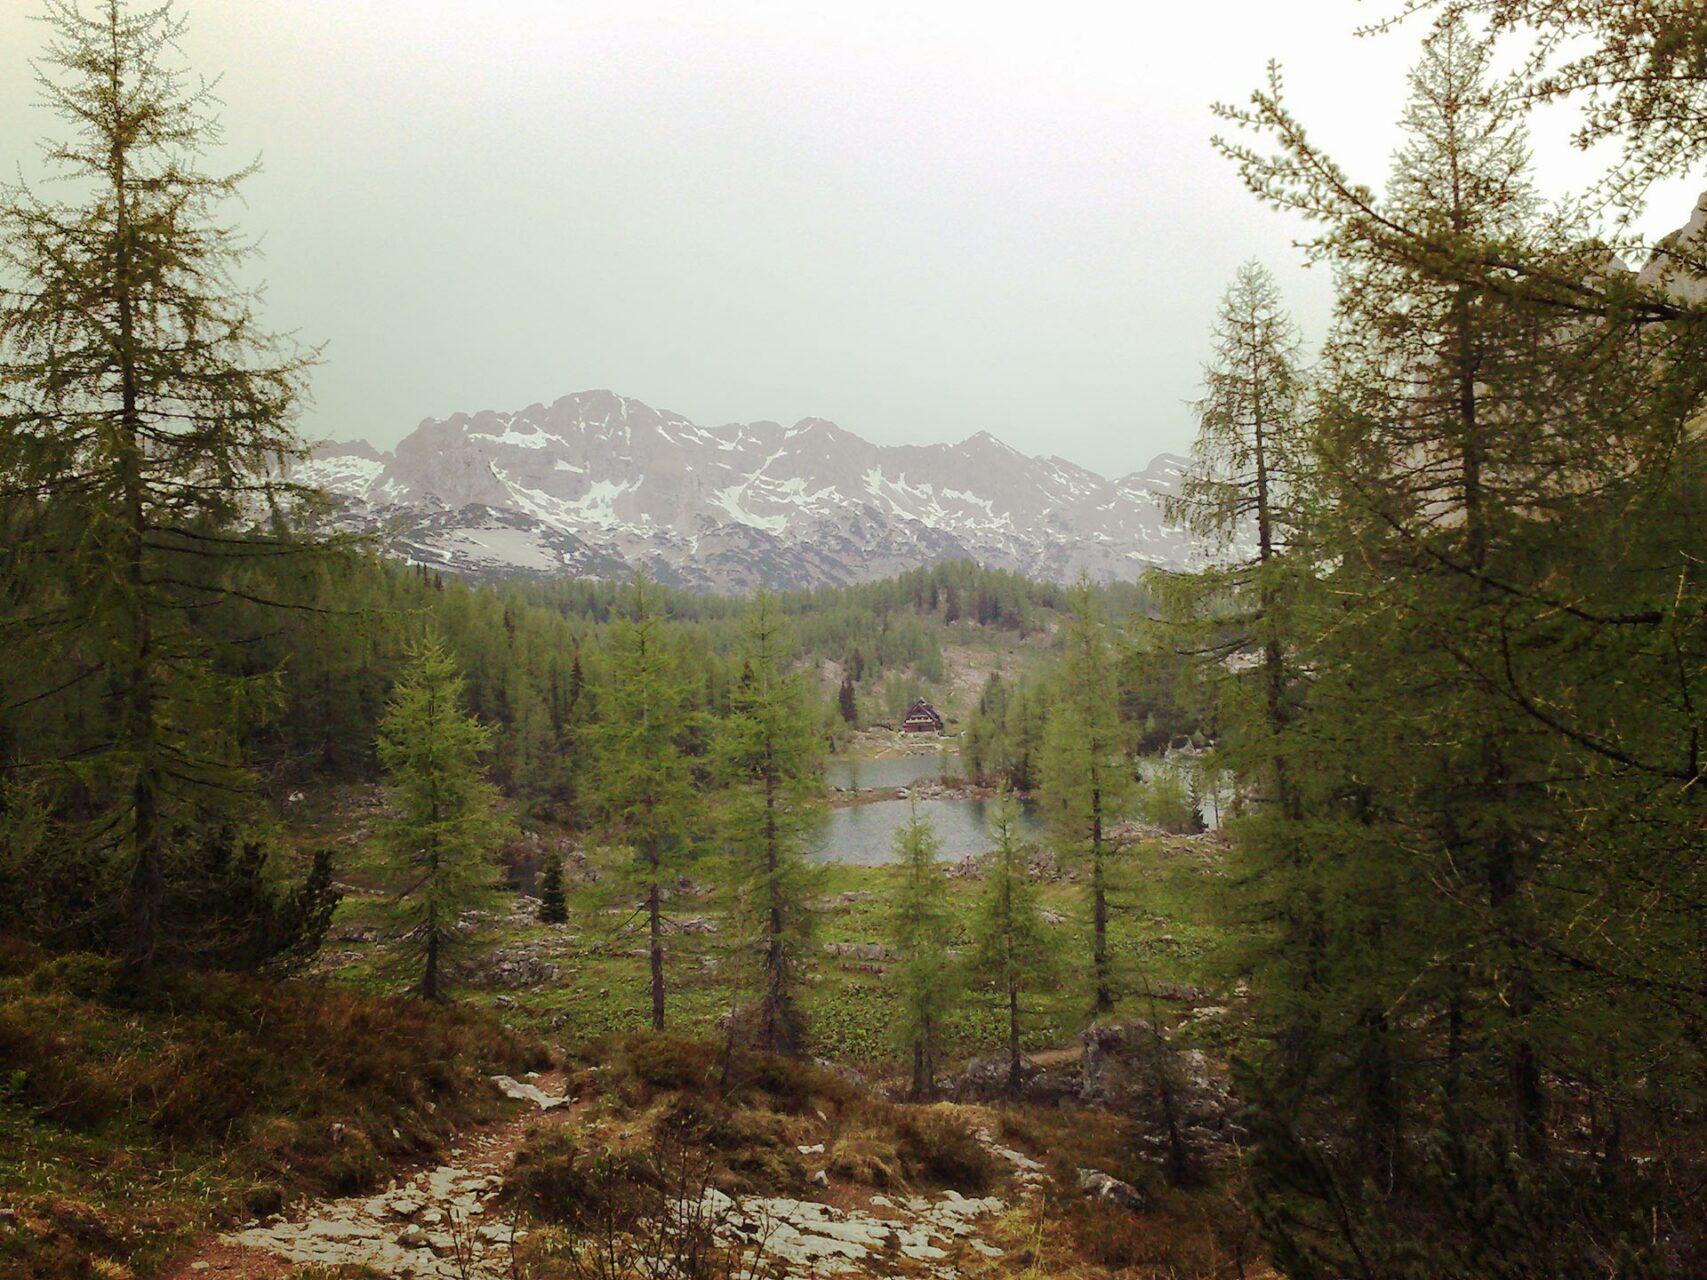 Die Triglavskjh-Hütte an einem der Sieben Seen gelegen.